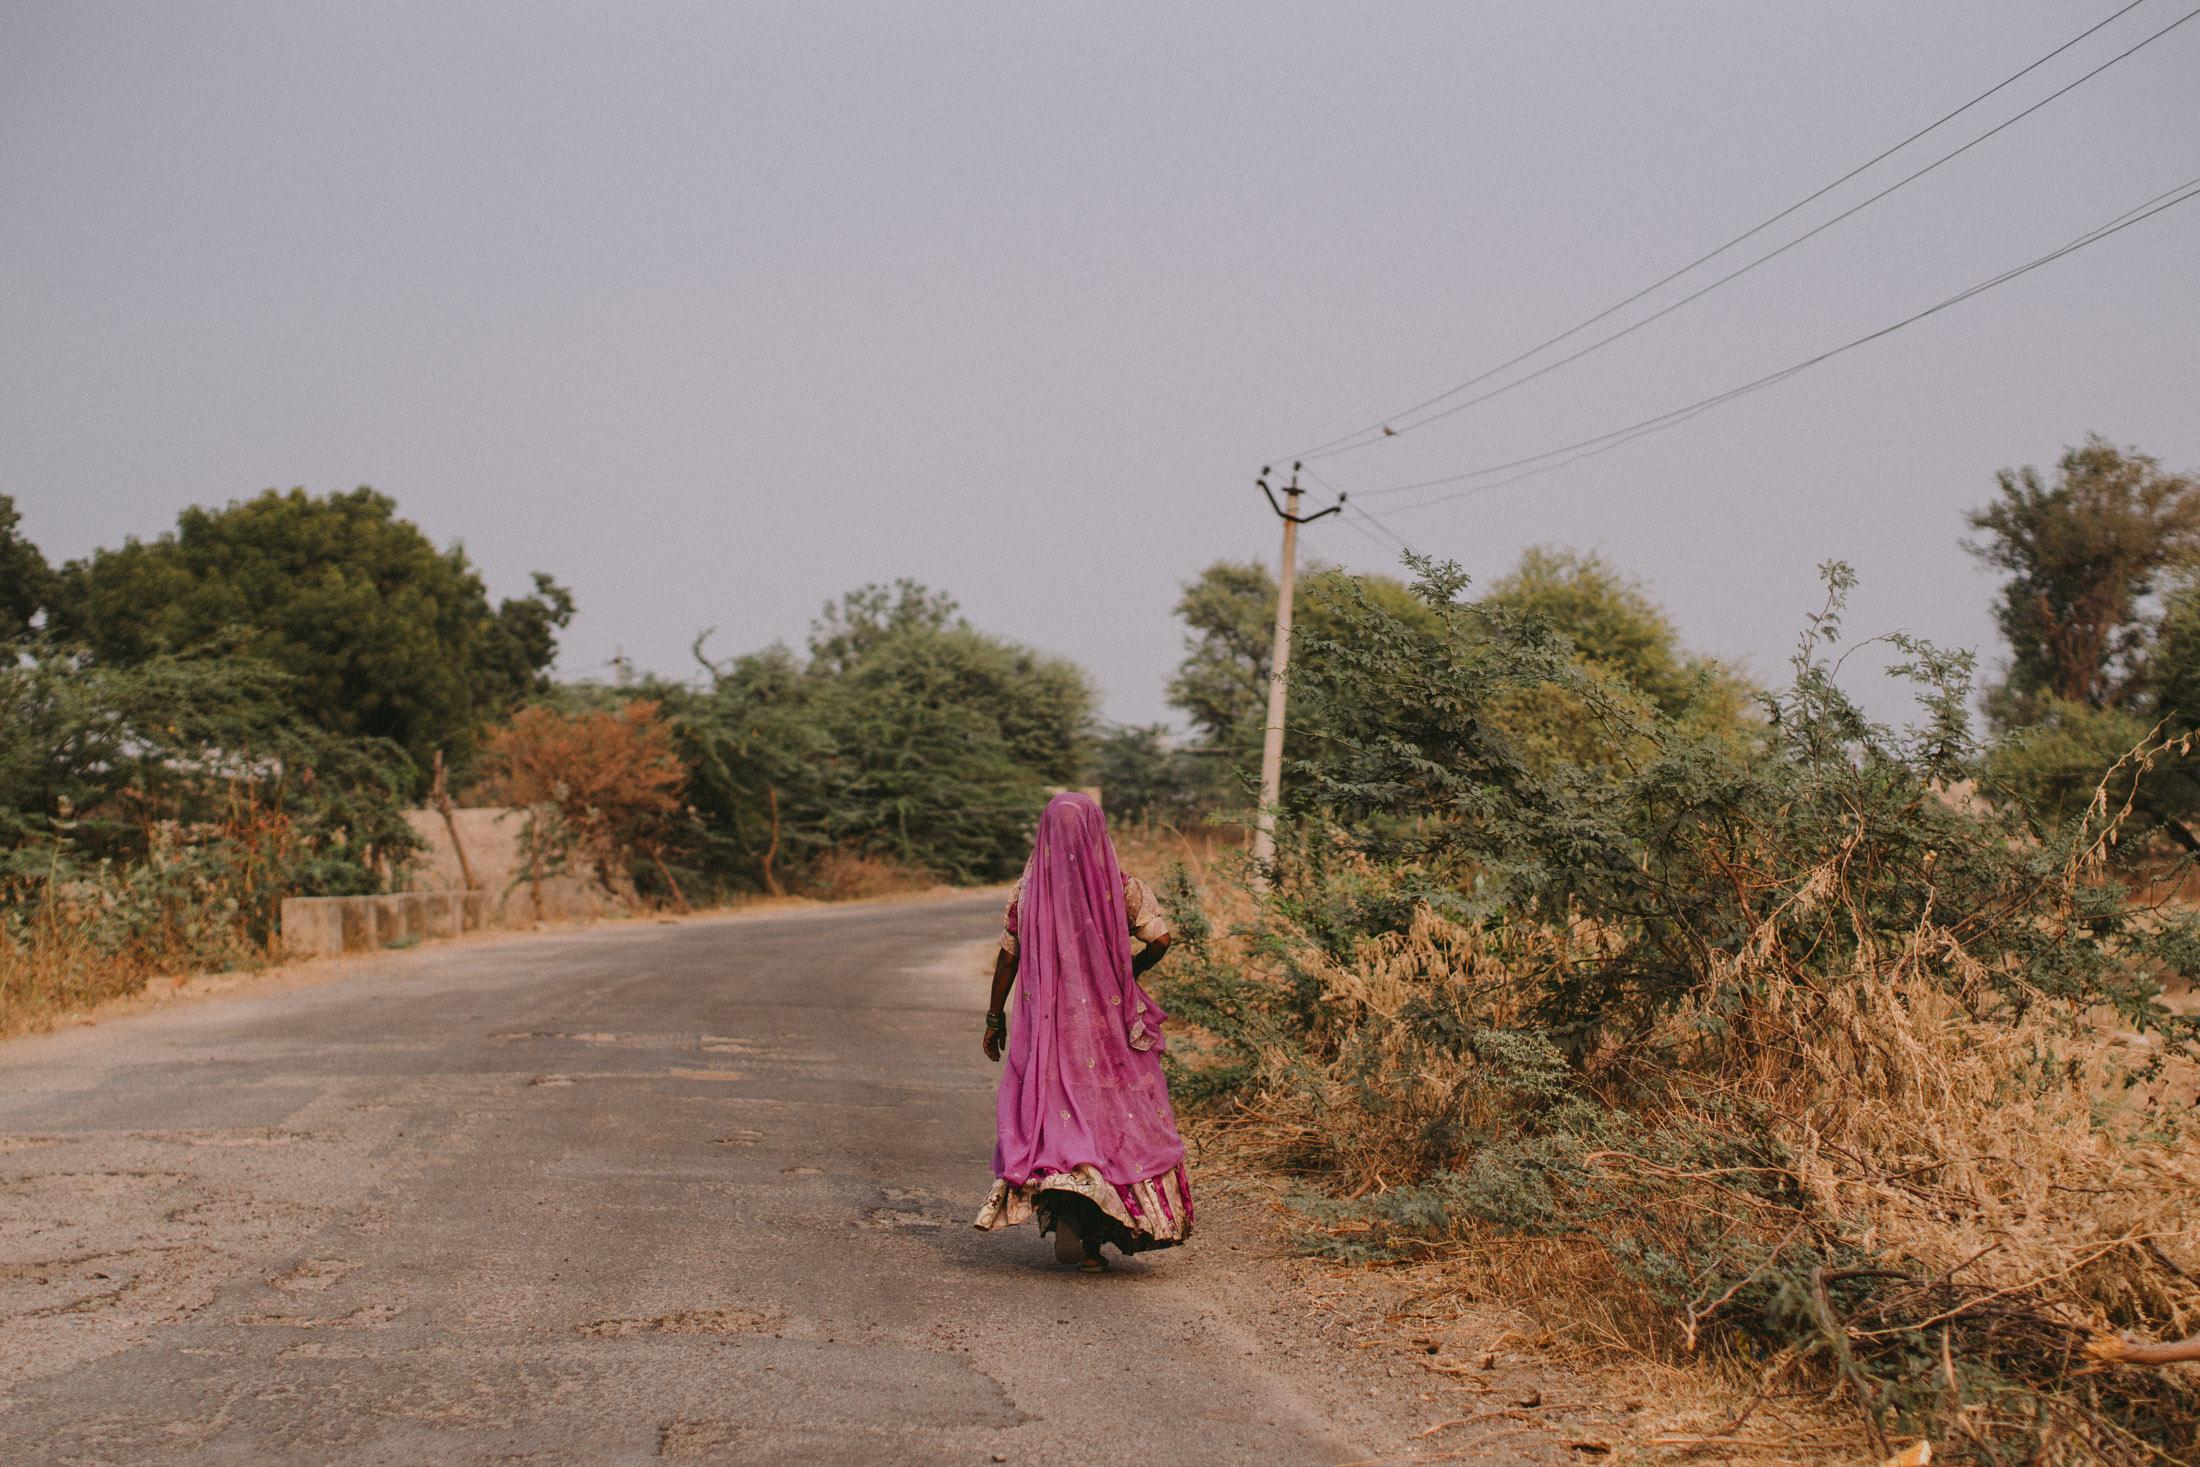 Pushkar Nov 2017-Dean Raphael Photography-32.jpg